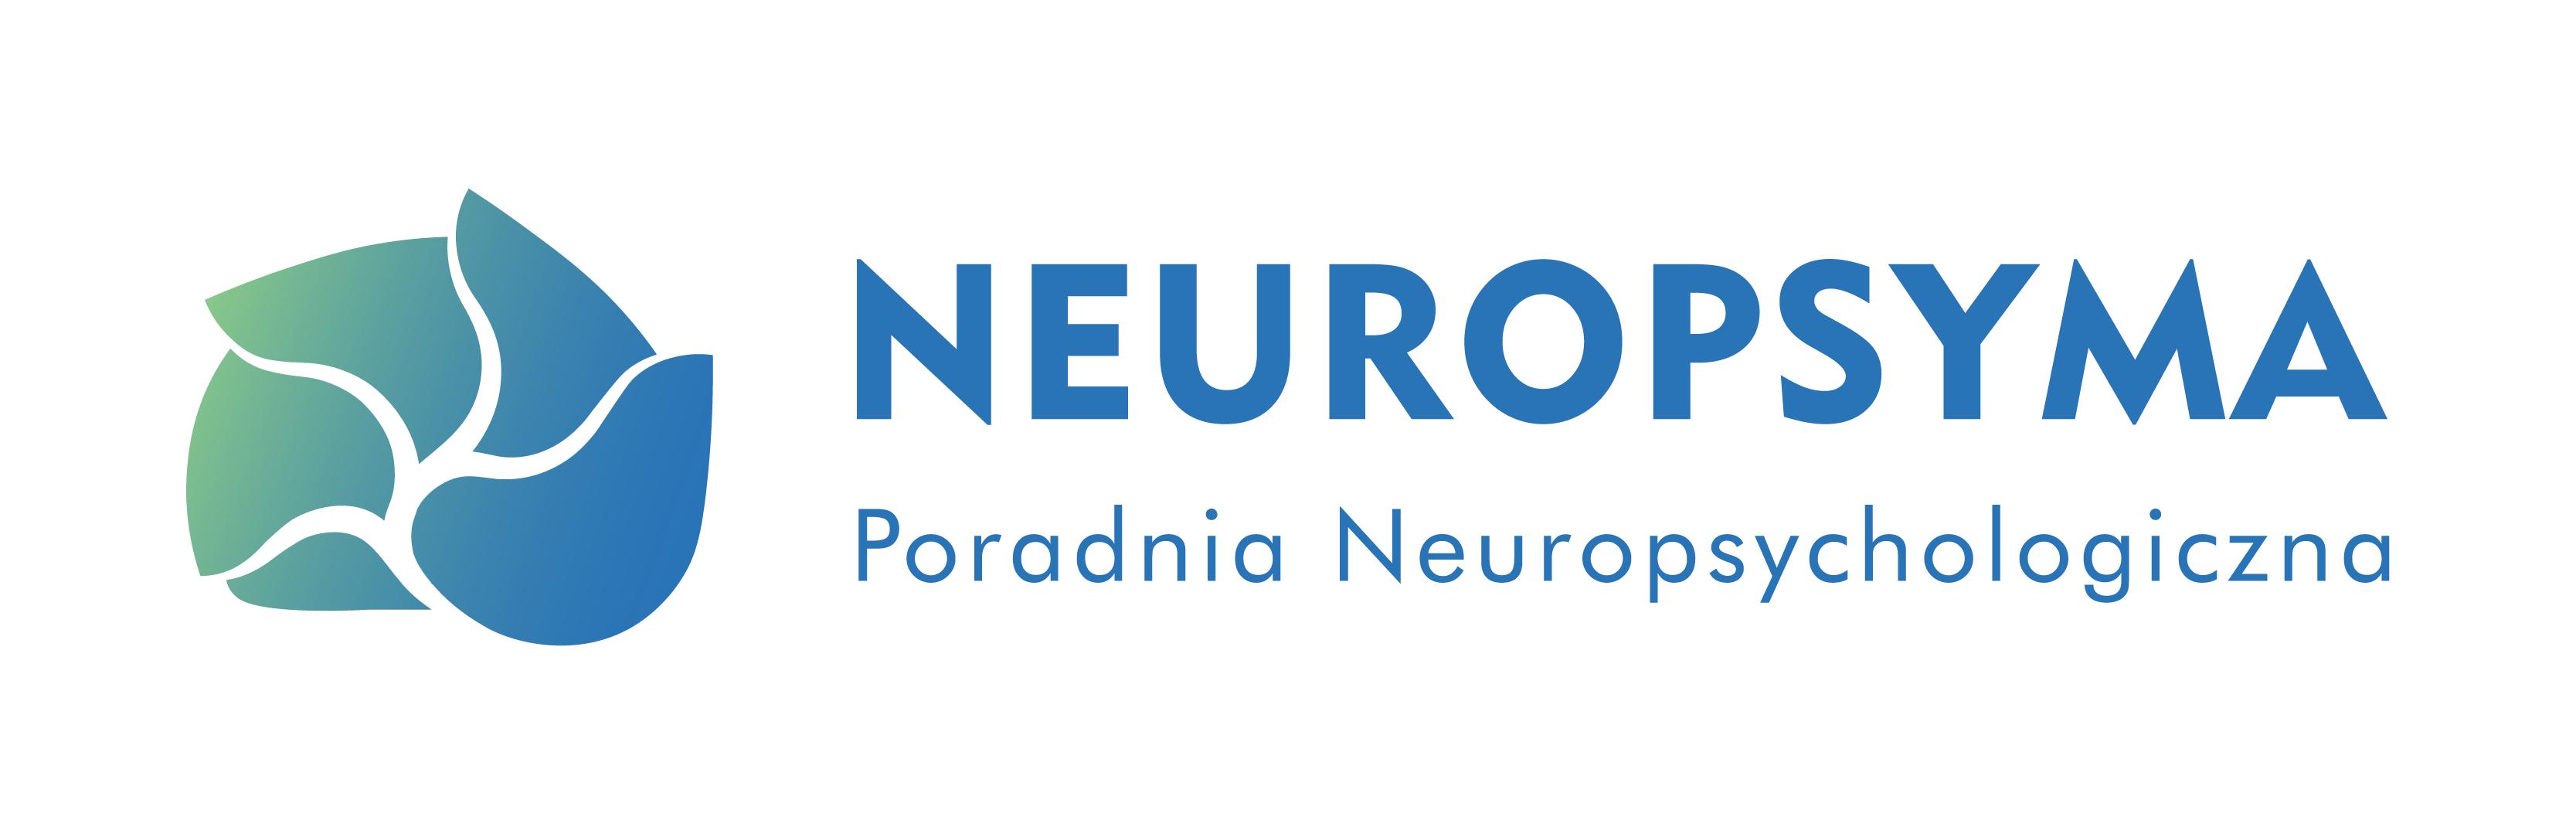 Poradnia Neuropsychologiczna